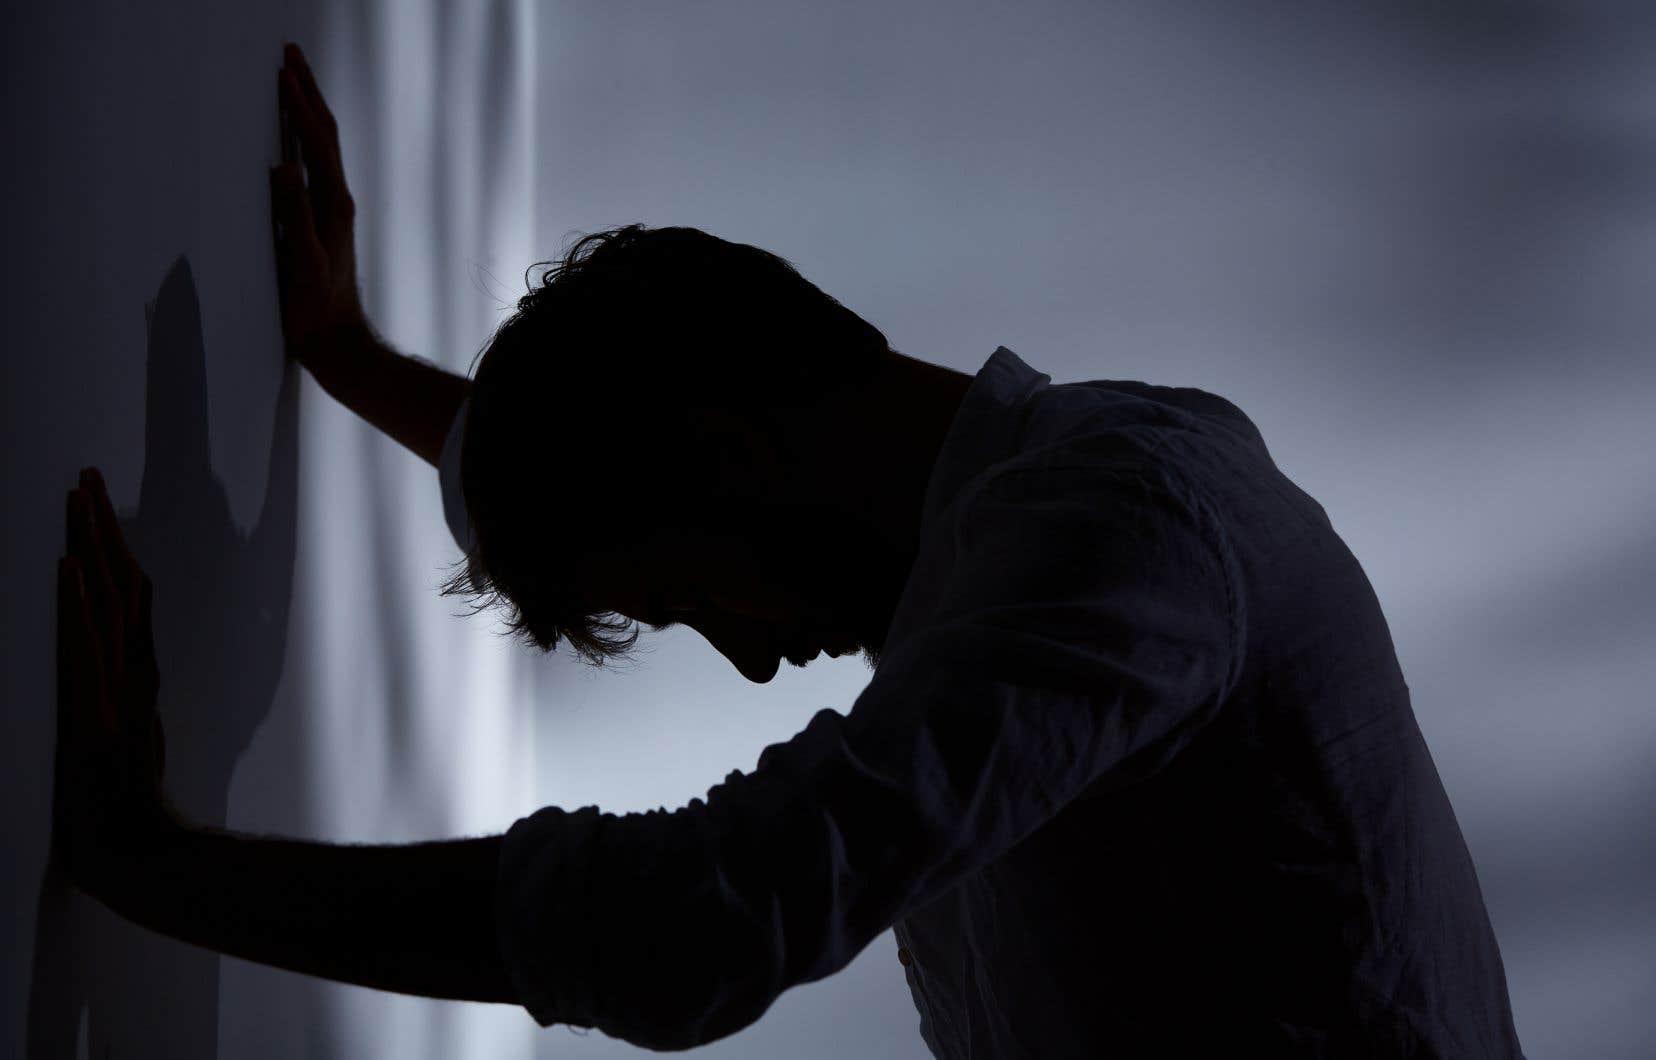 «Les personnes ayant un trouble mental sont beaucoup plus à risque de subir la violence que de la perpétrer», disent les signataires.